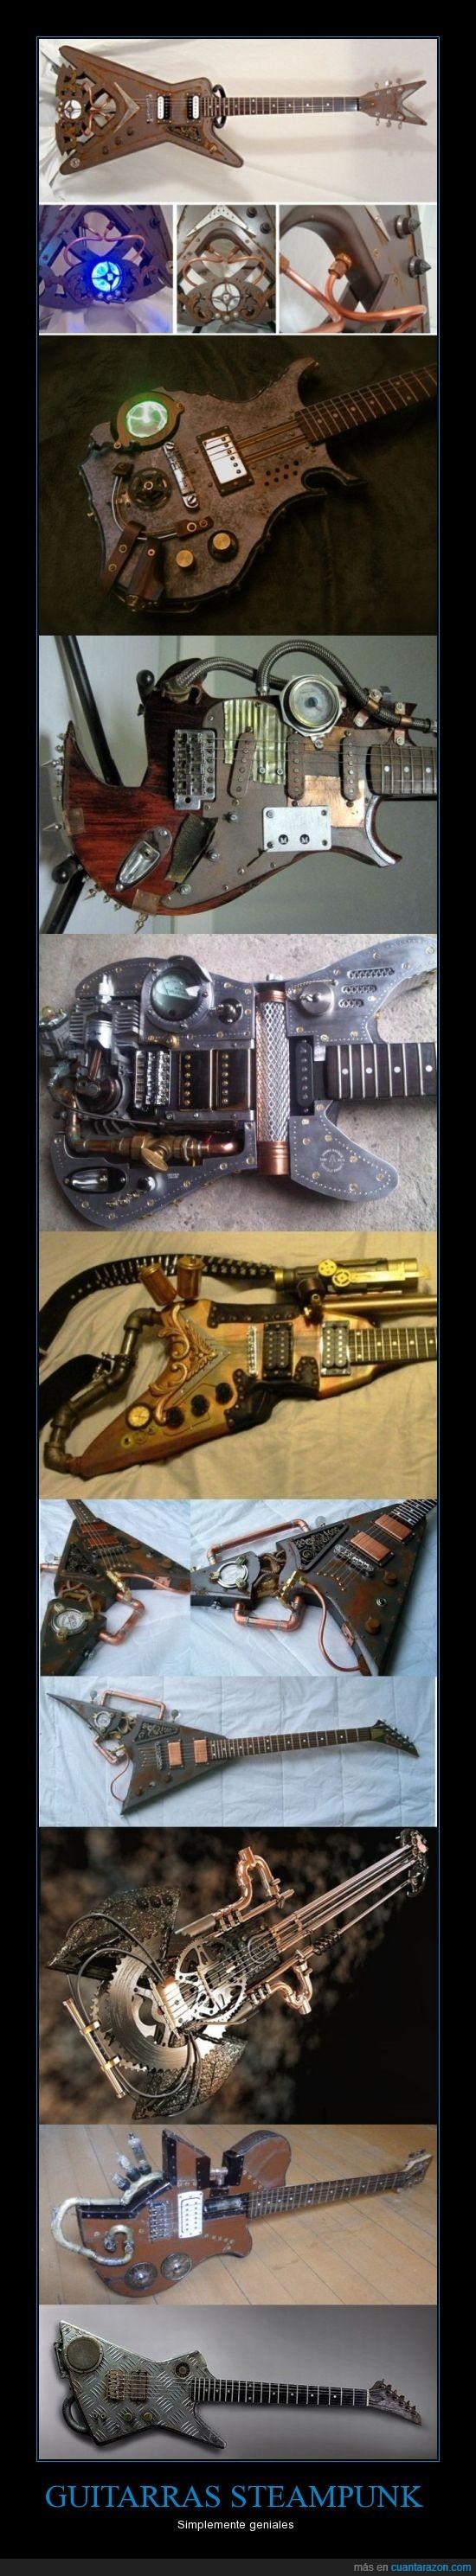 electrica,engranaje,geniales,guitarras,mecanismo,steampunk